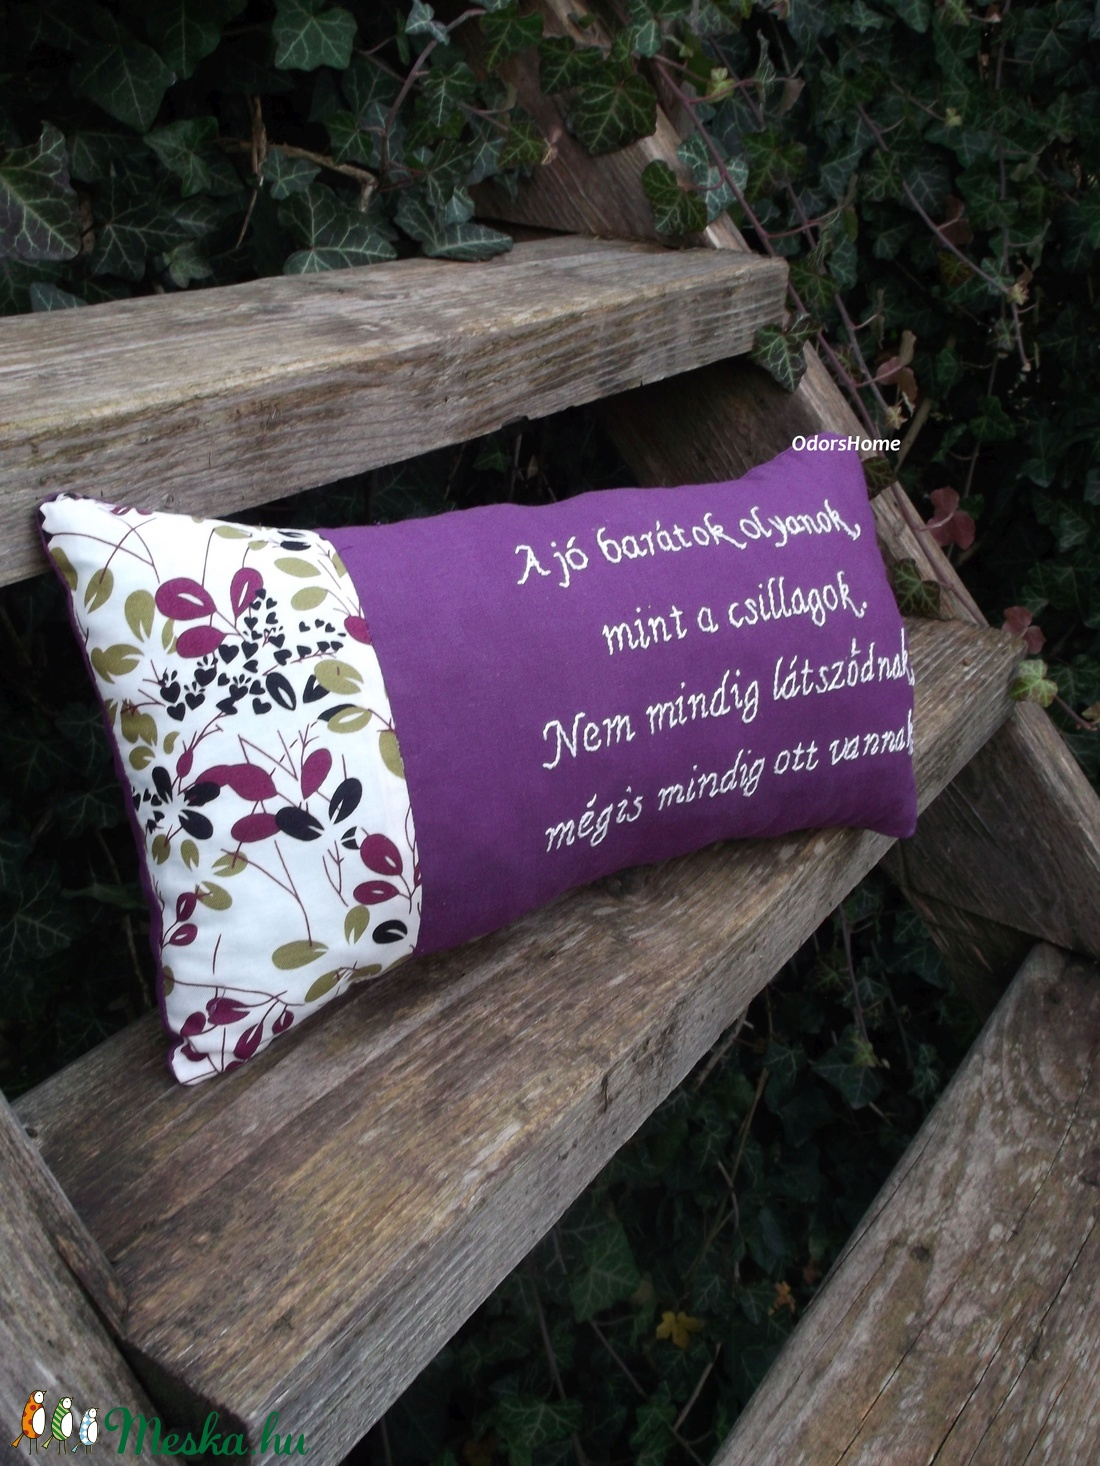 Személyes üzenet kézzel hímzett párna - egyedi hímzett párna - idézetes  párna - személyre szabott ajándék - 60x30cm 6aea5bd96e